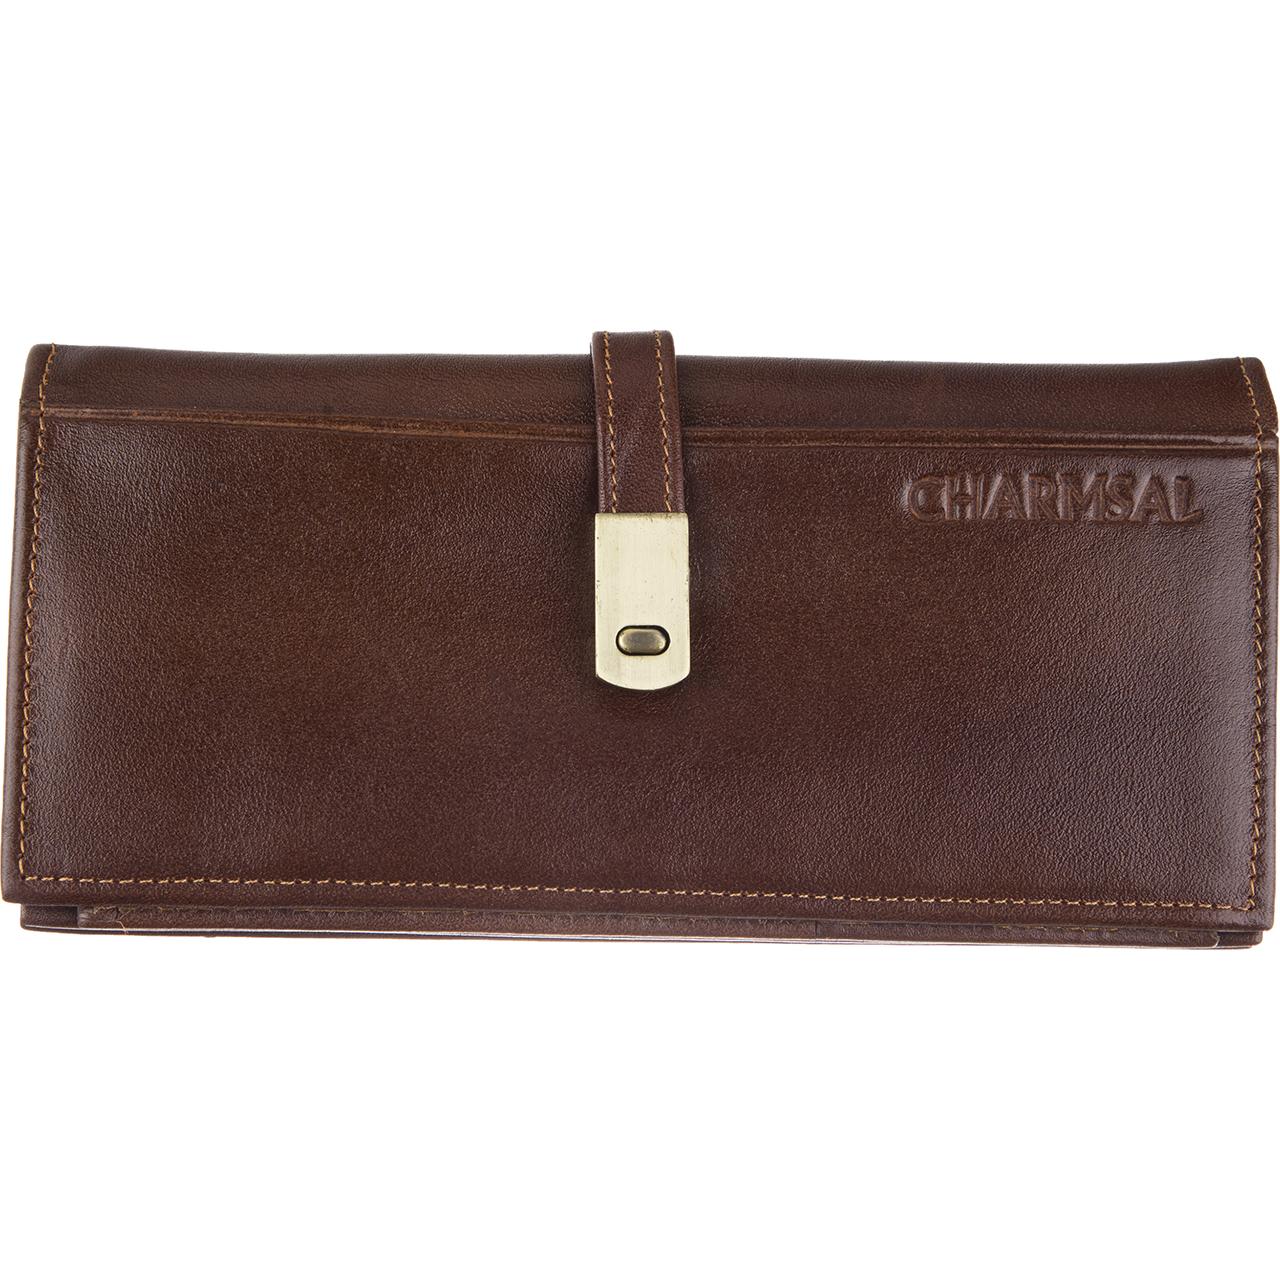 کیف پول مردانه چرمسال مدل BR15